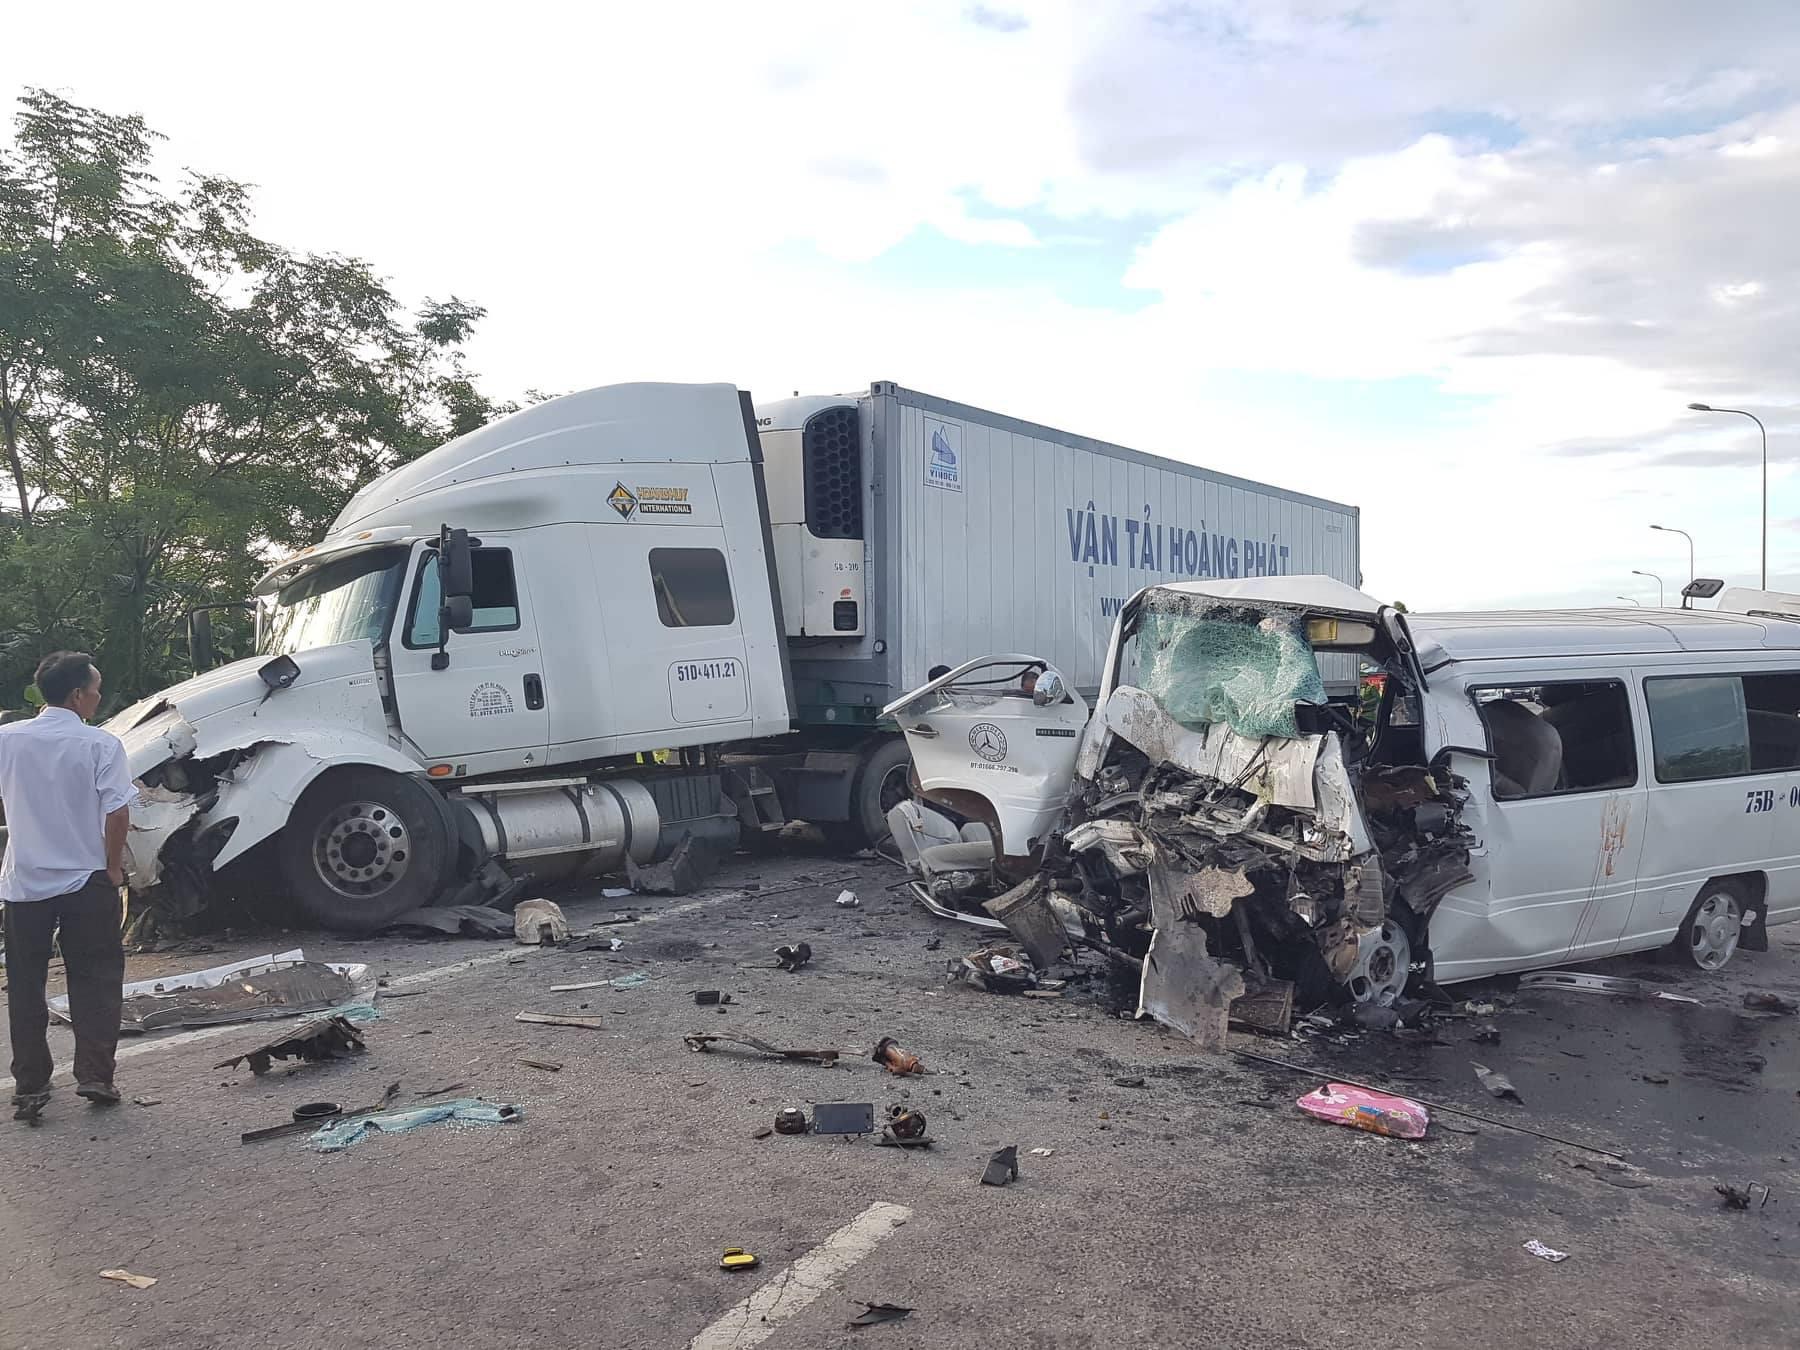 Những tai nạn giao thông, cháy nổ thảm khốc khiến nhiều người thiệt mạng từng gây đau xót trong dư luận - Ảnh 1.